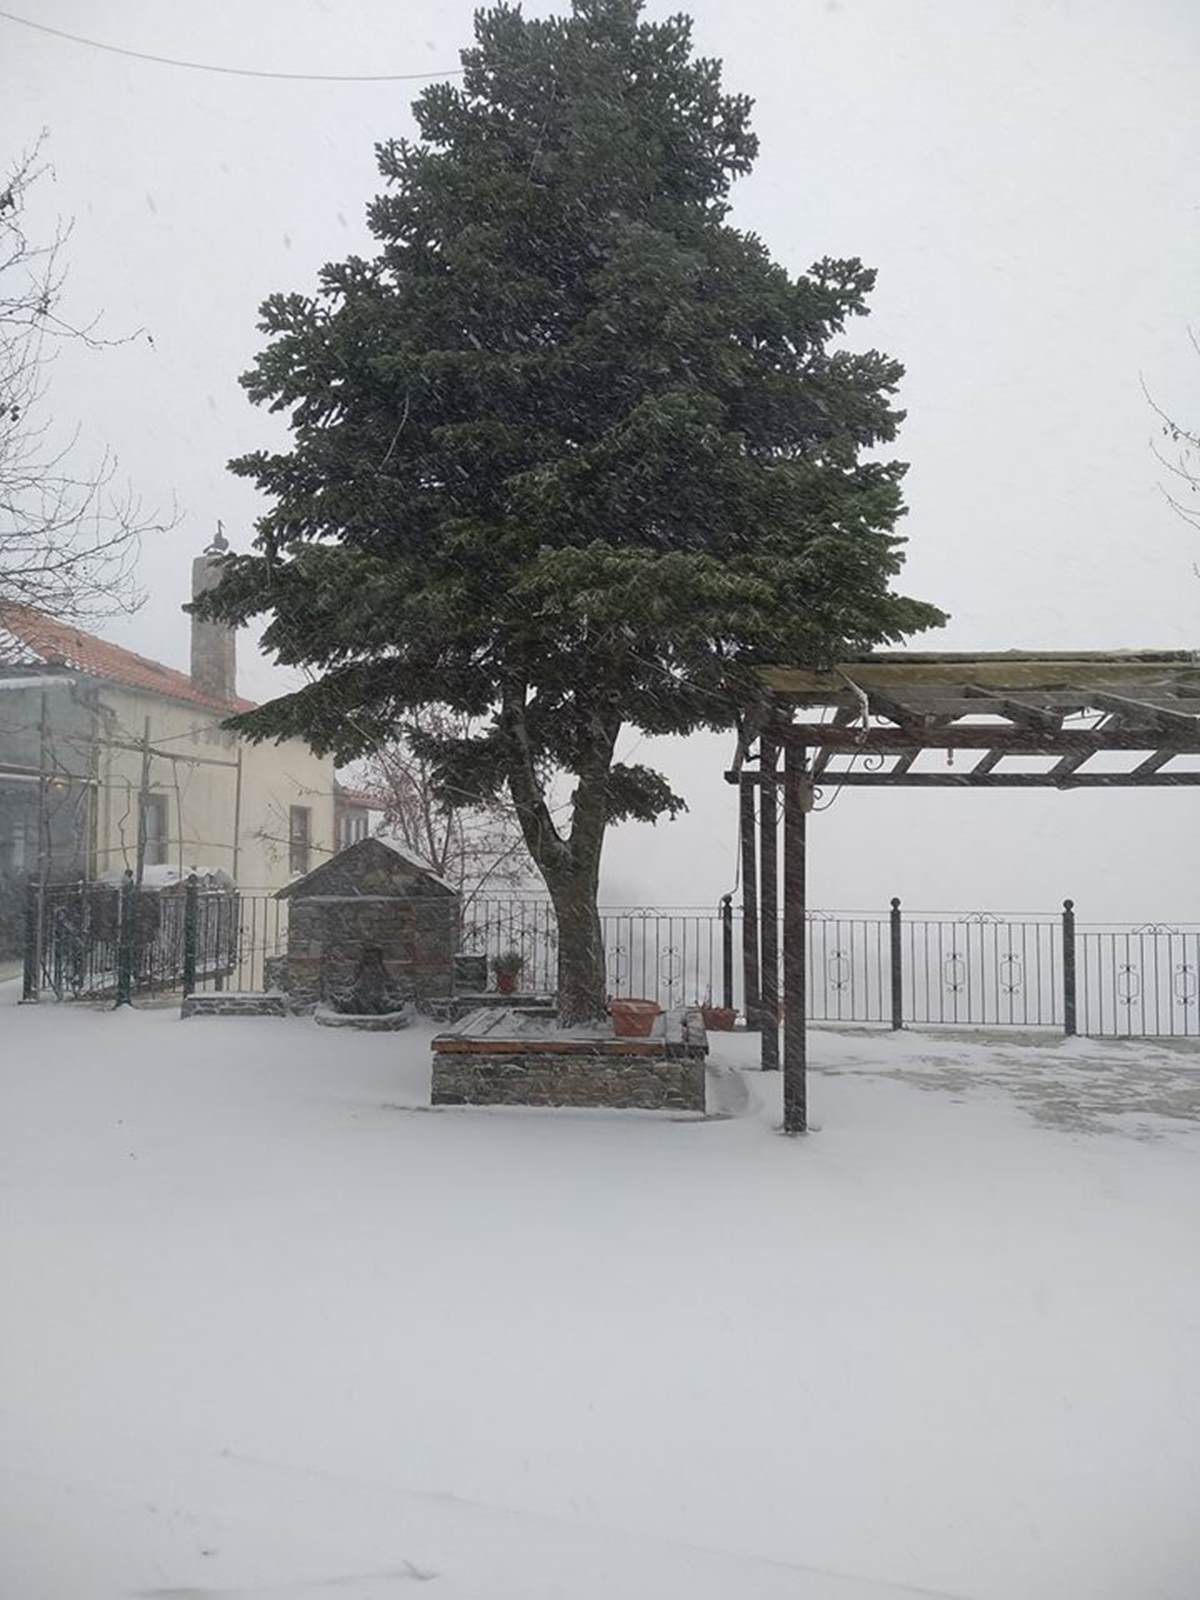 Λάρισα: Έντονη χιονόπτωση στη Σπηλιά (φωτο)